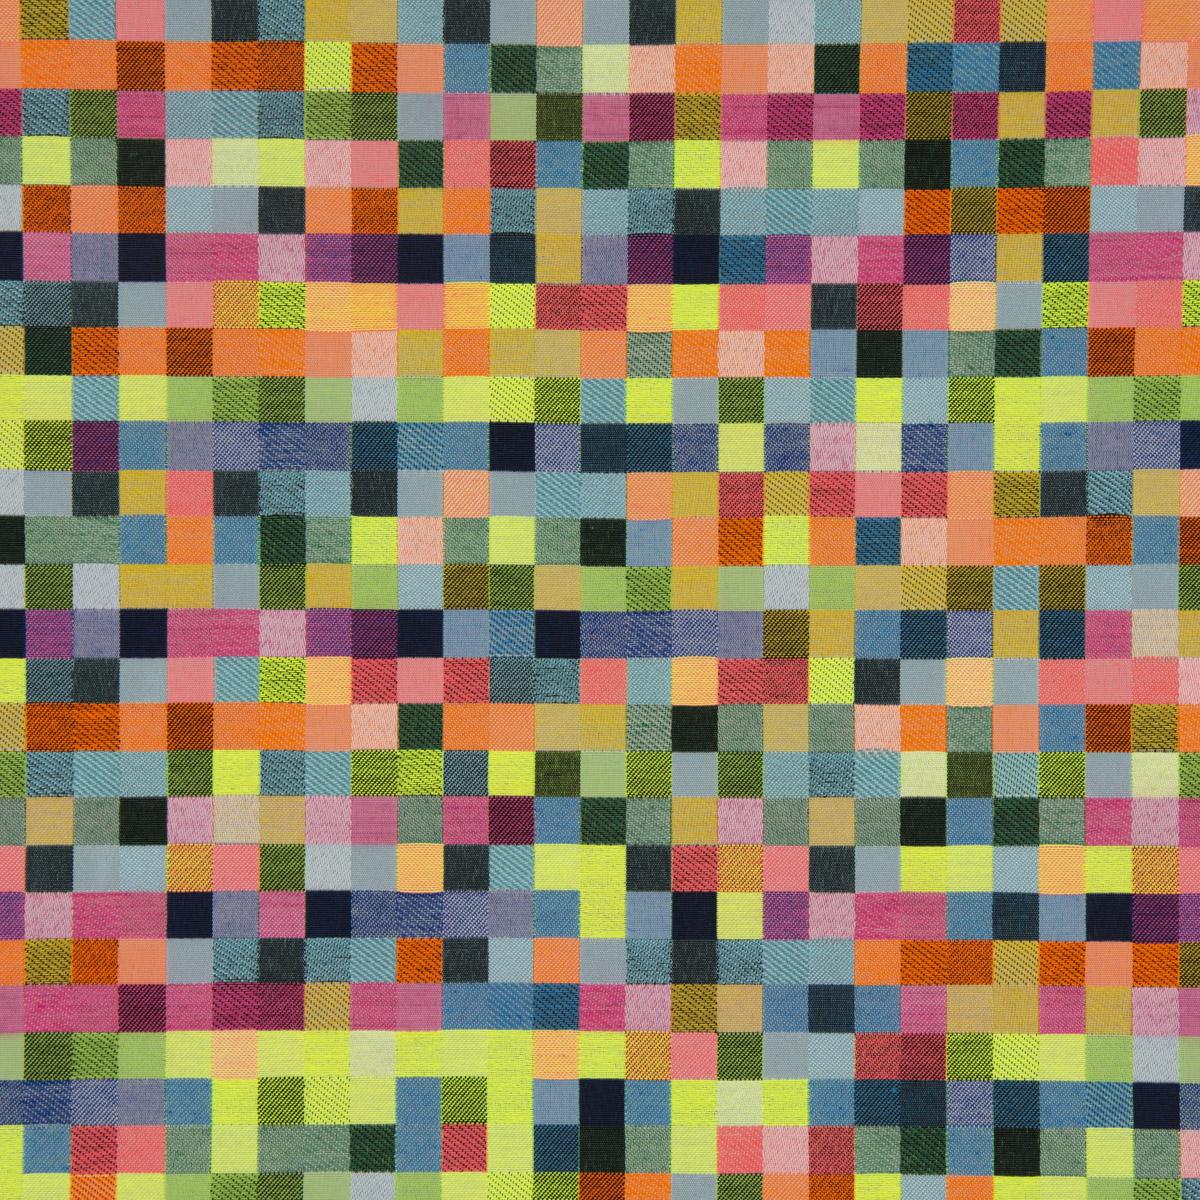 Dekostoff Doubleface Wendestoff Jacquard Kästchen Pixel Neon Farben bunt 1,4m Breite